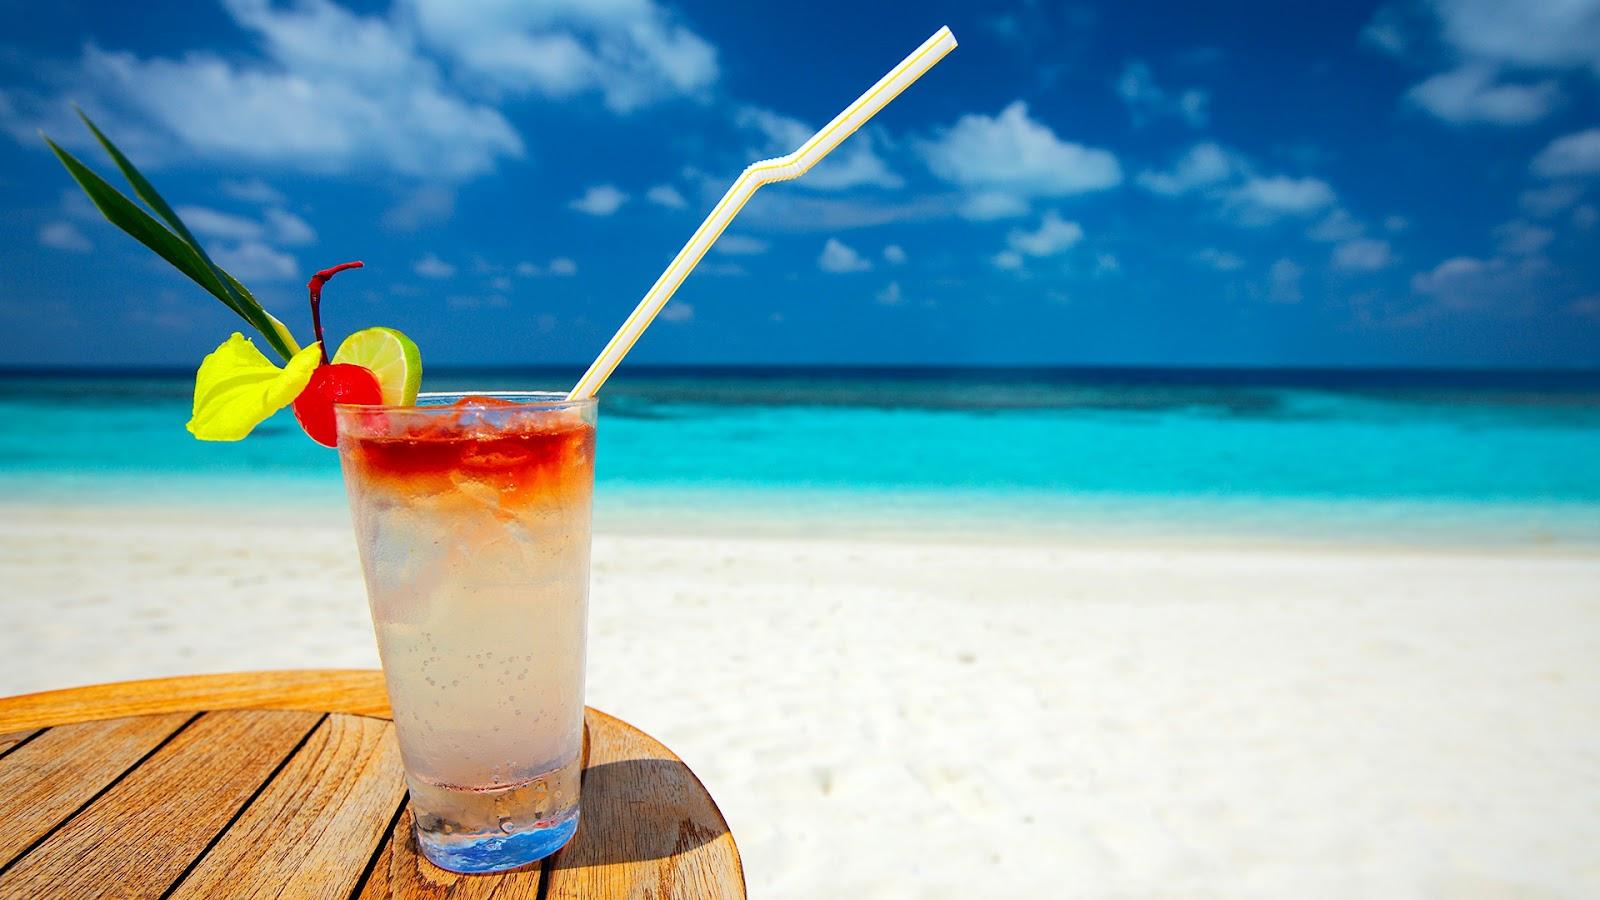 tło pulpitu plaża drink morze piasek lato krajobrazy widoki